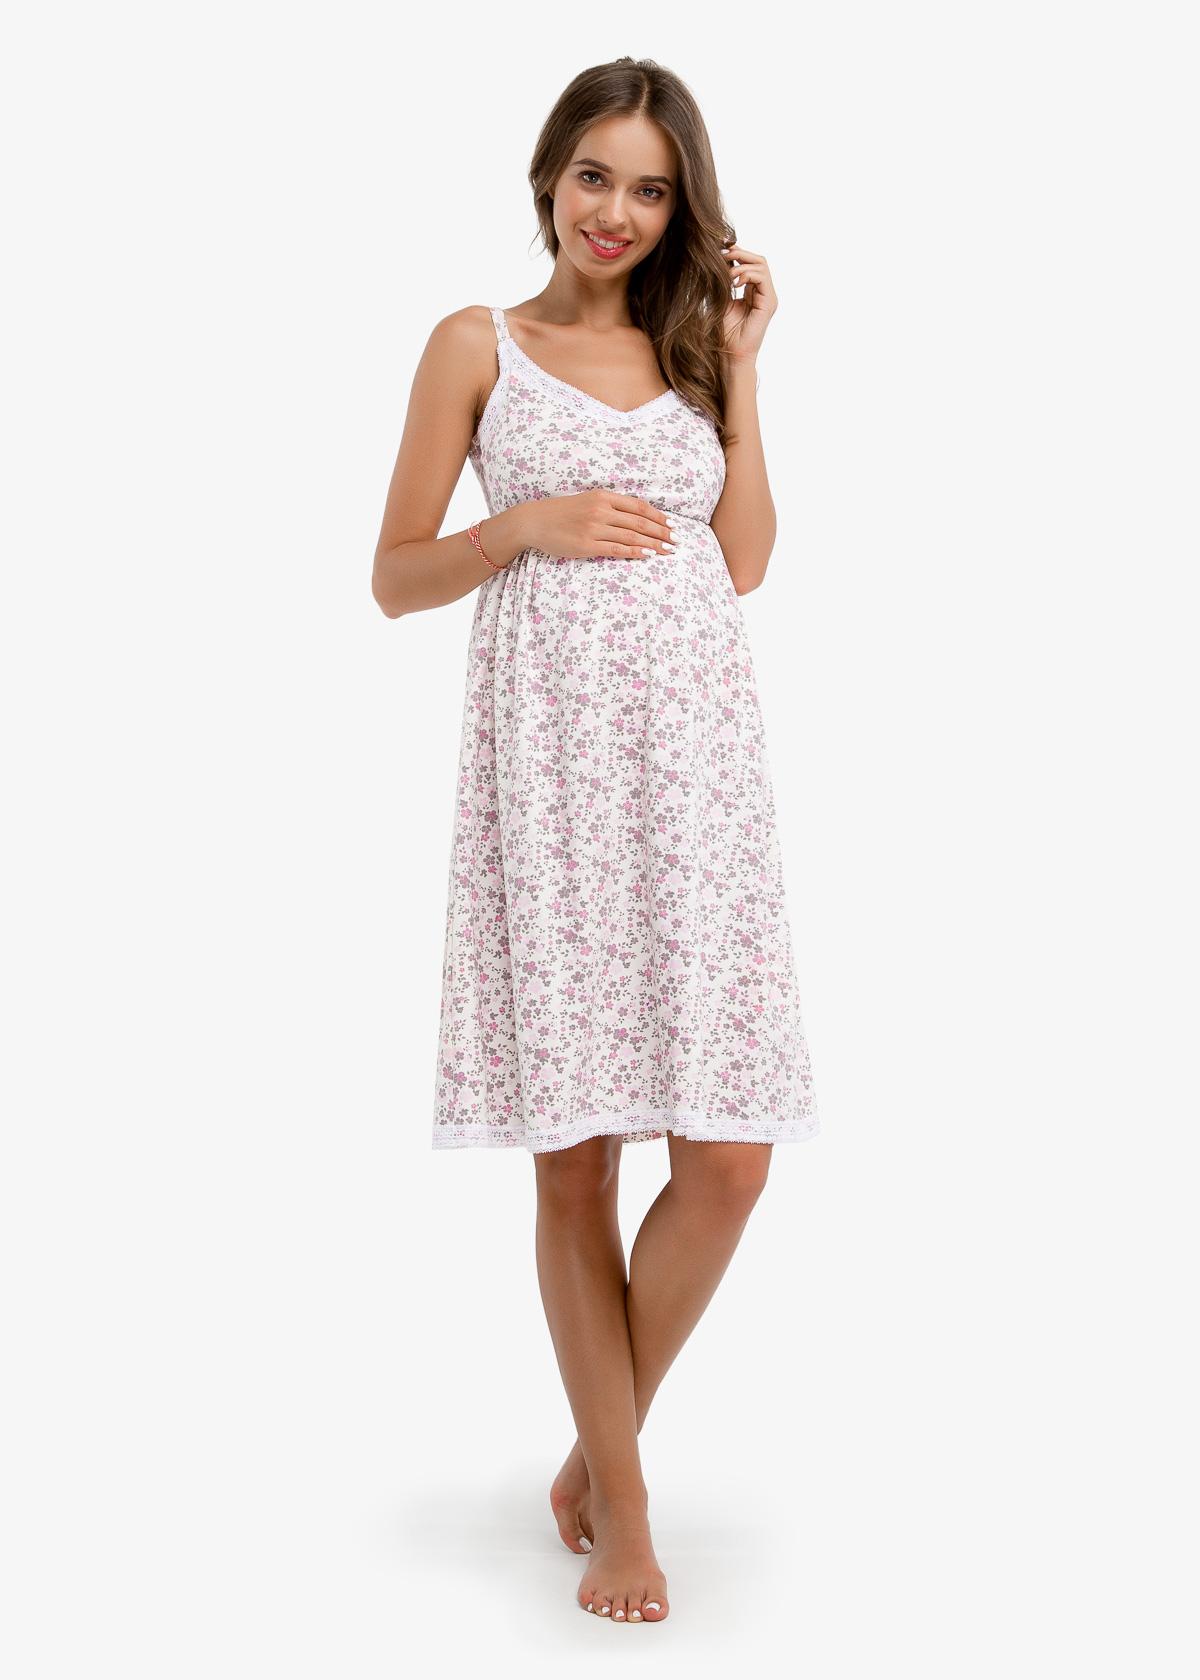 Фото: Сорочка ночная для будущей мамы